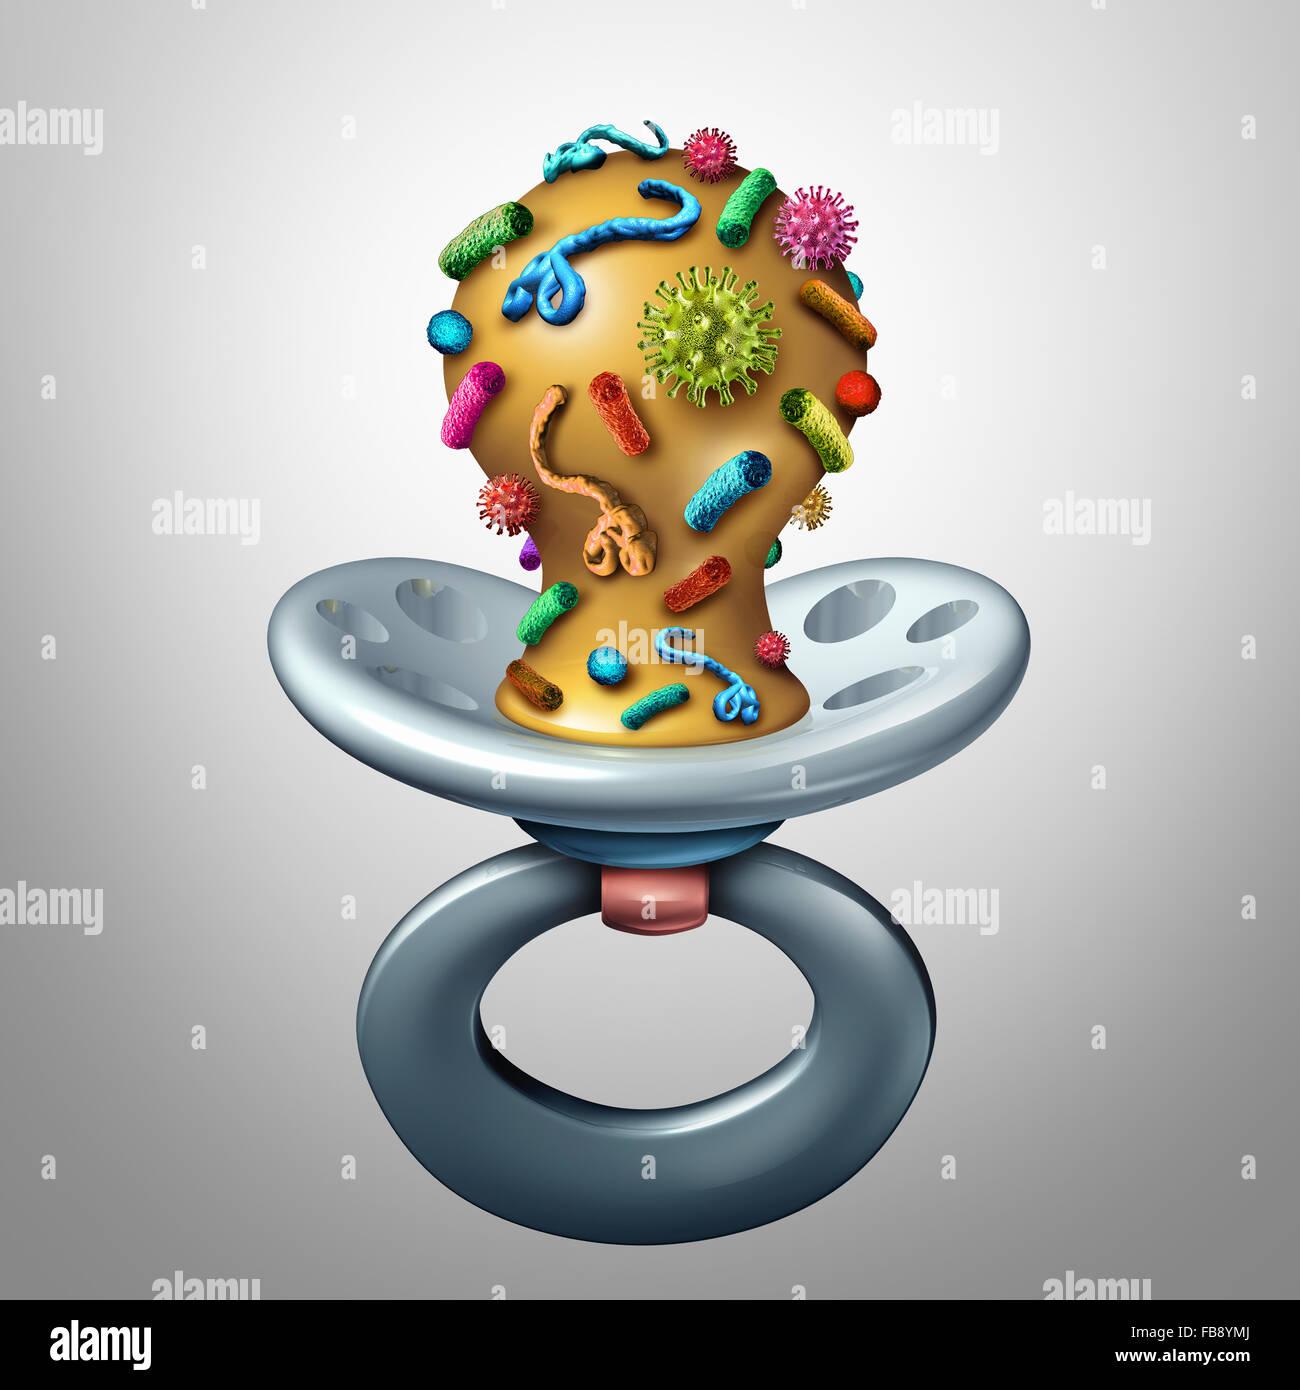 Salud bebé y enfermedades infantiles concepto como un bebé chupete contaminadas con bacterias y virus Imagen De Stock